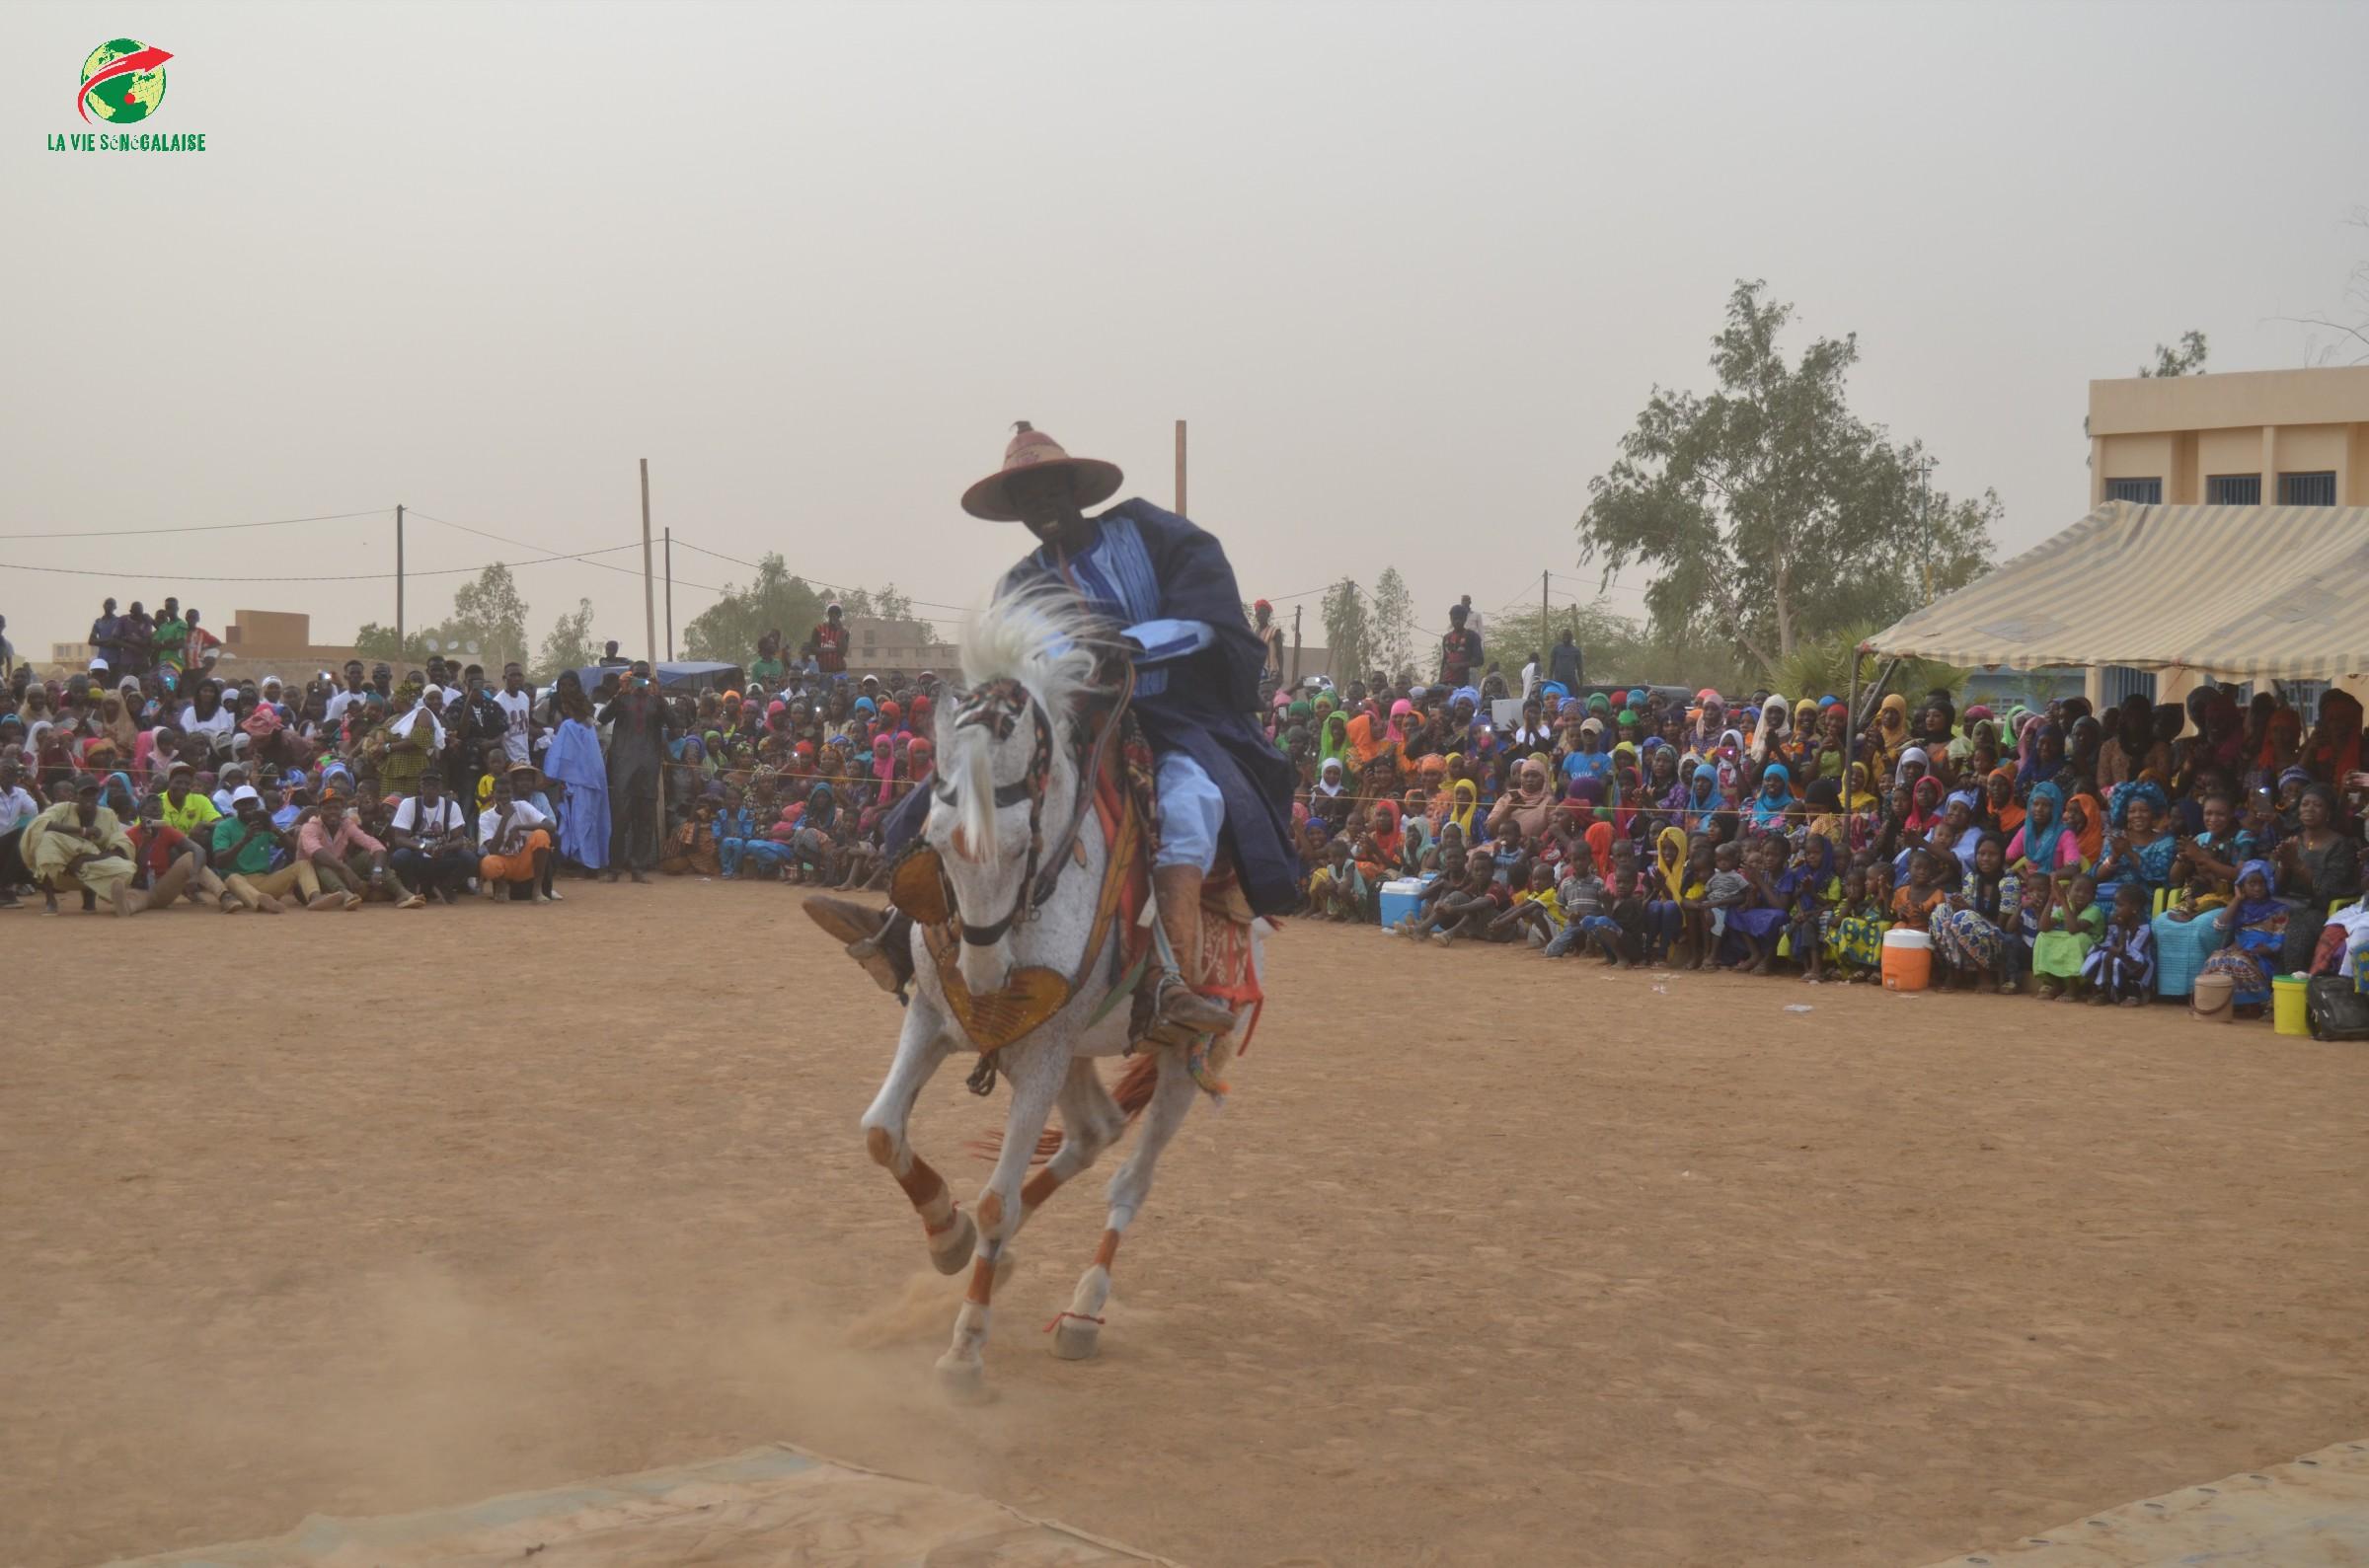 Journées Culturelles Waoundé, Parrain Bakary Biné Camara, Images de laviesenegalaise (36)